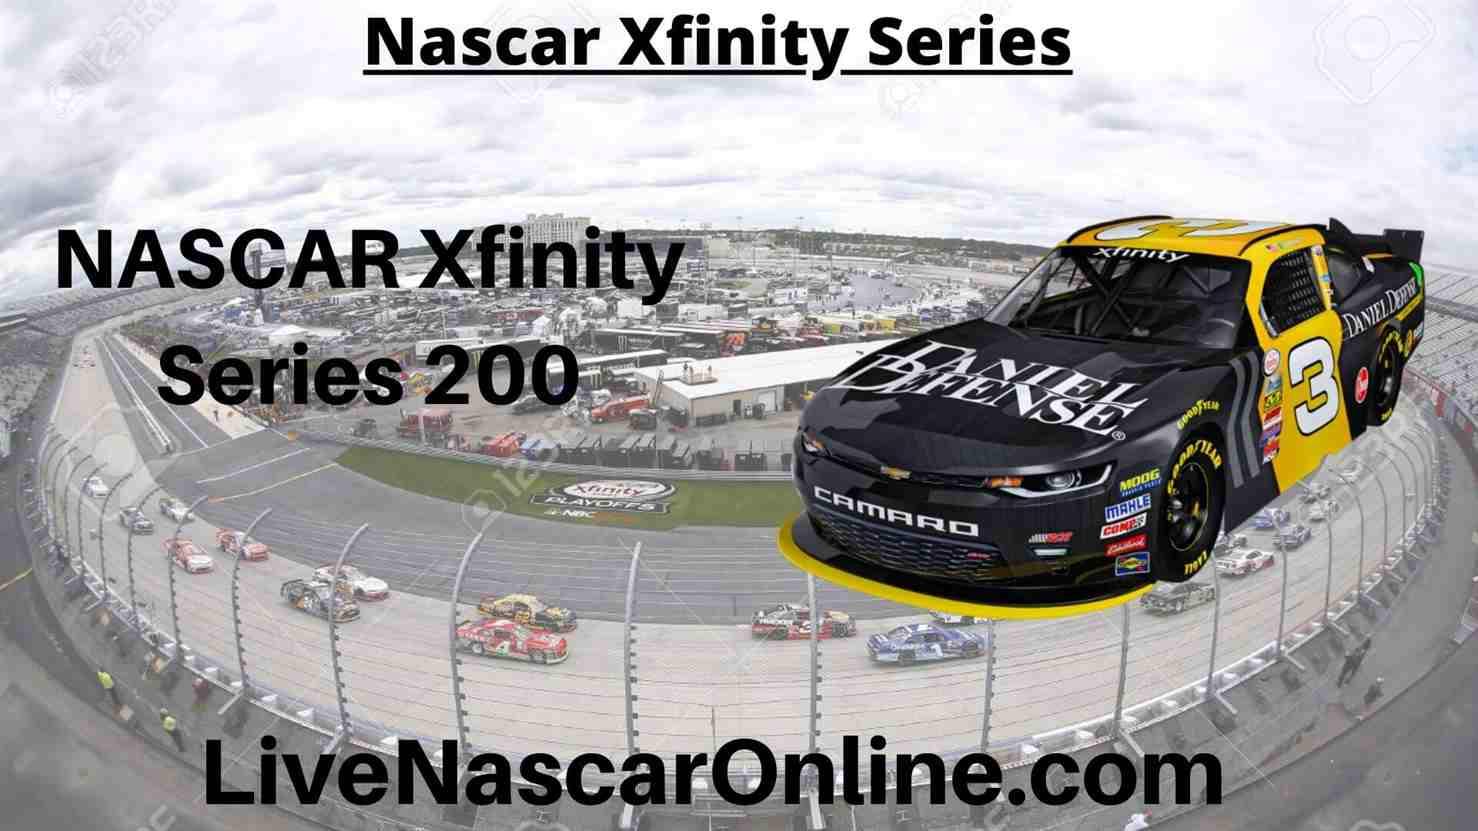 NASCAR Xfinity Series 200 Online Stream | NASCAR ISM Raceway 2020